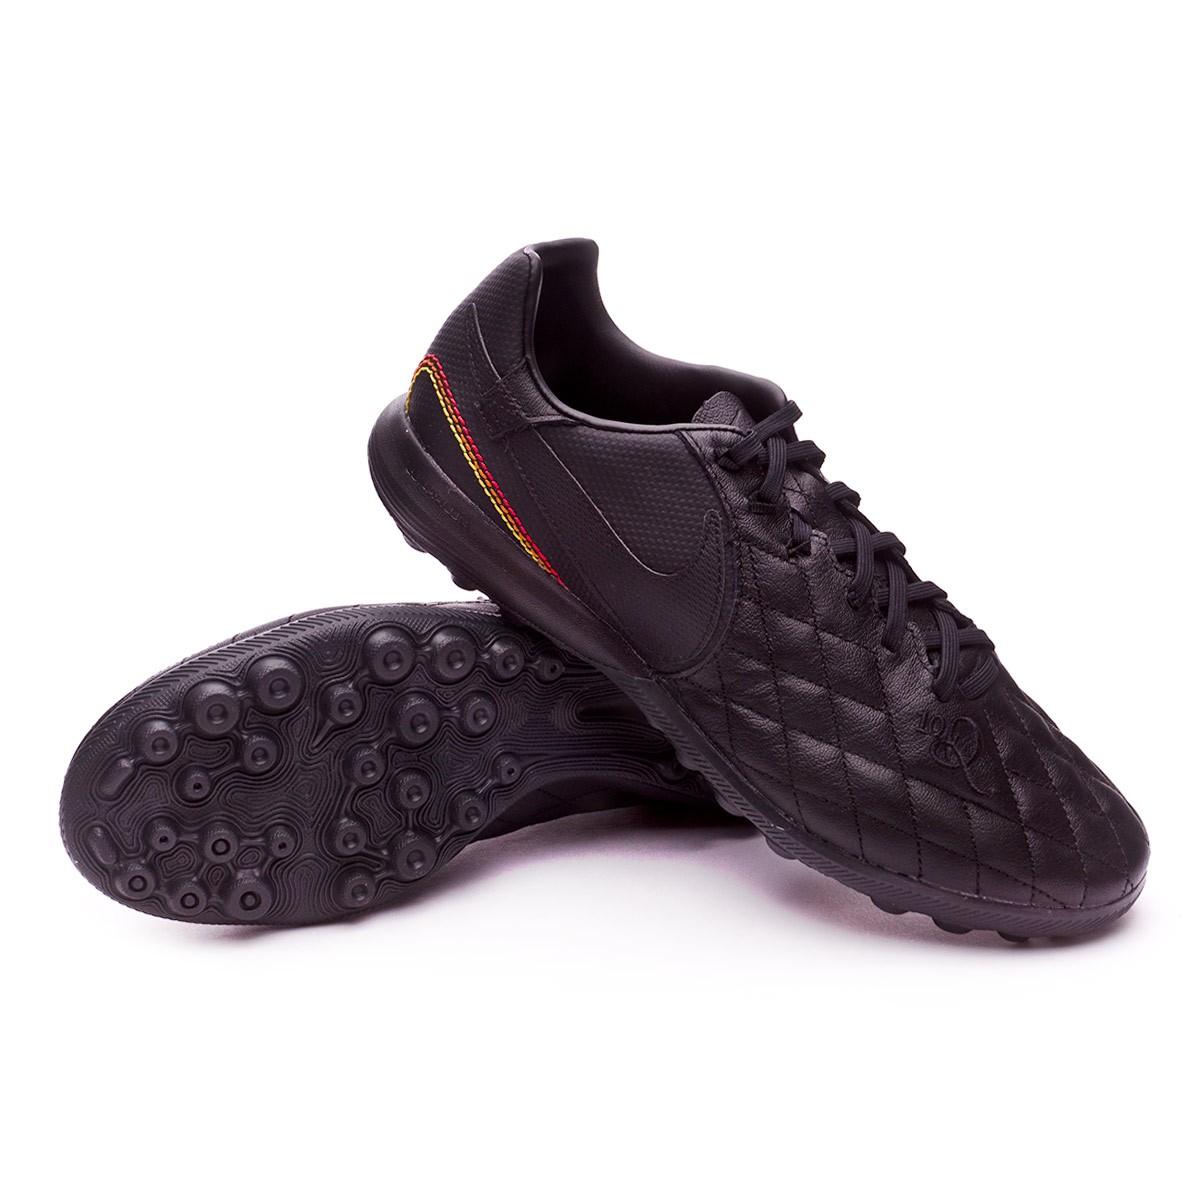 13aafc6a6 Nike TiempoX Finale 10R Paris Turf Football Boot. Black-Metallic gold ...